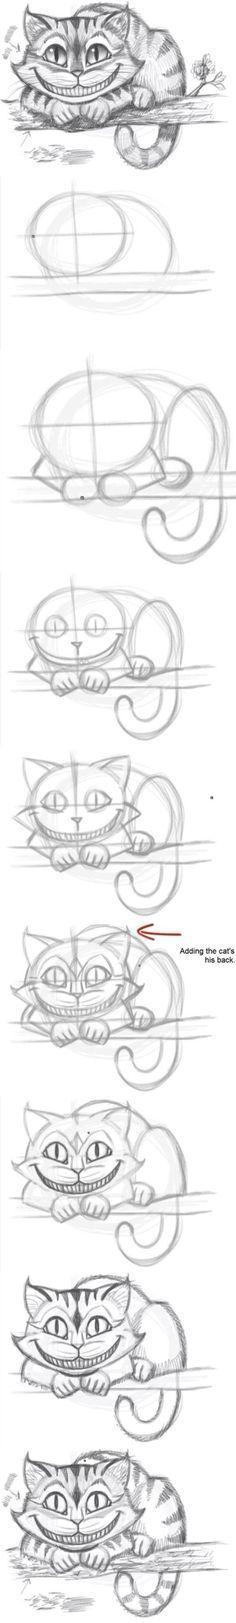 Wie man einfach die Katze von Alice im Wunderland malt✏️ #zeichnen#alice#wonderland